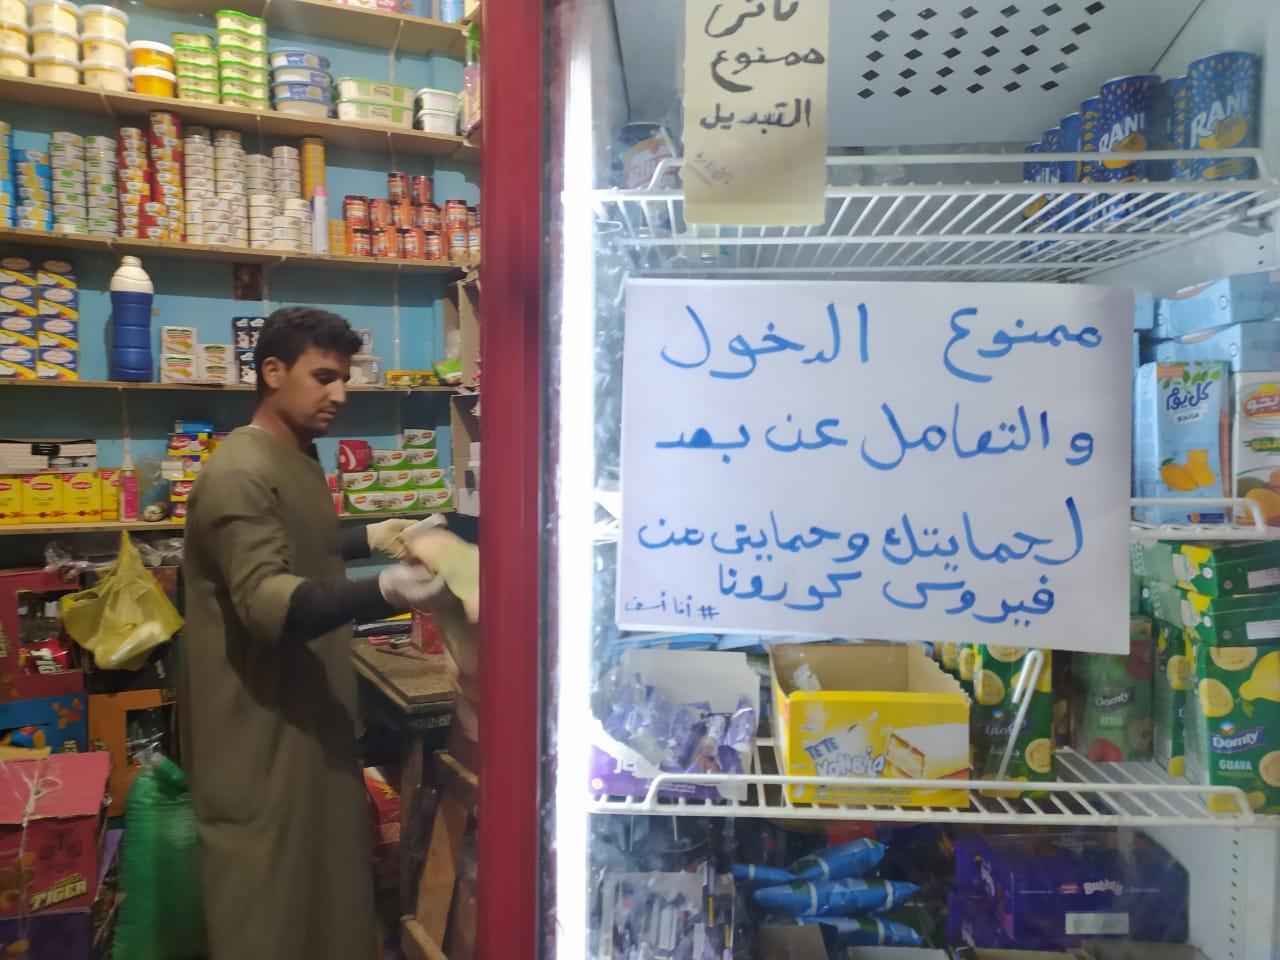 لافتة بمحل بقالة لمنع العدوى بكورونا